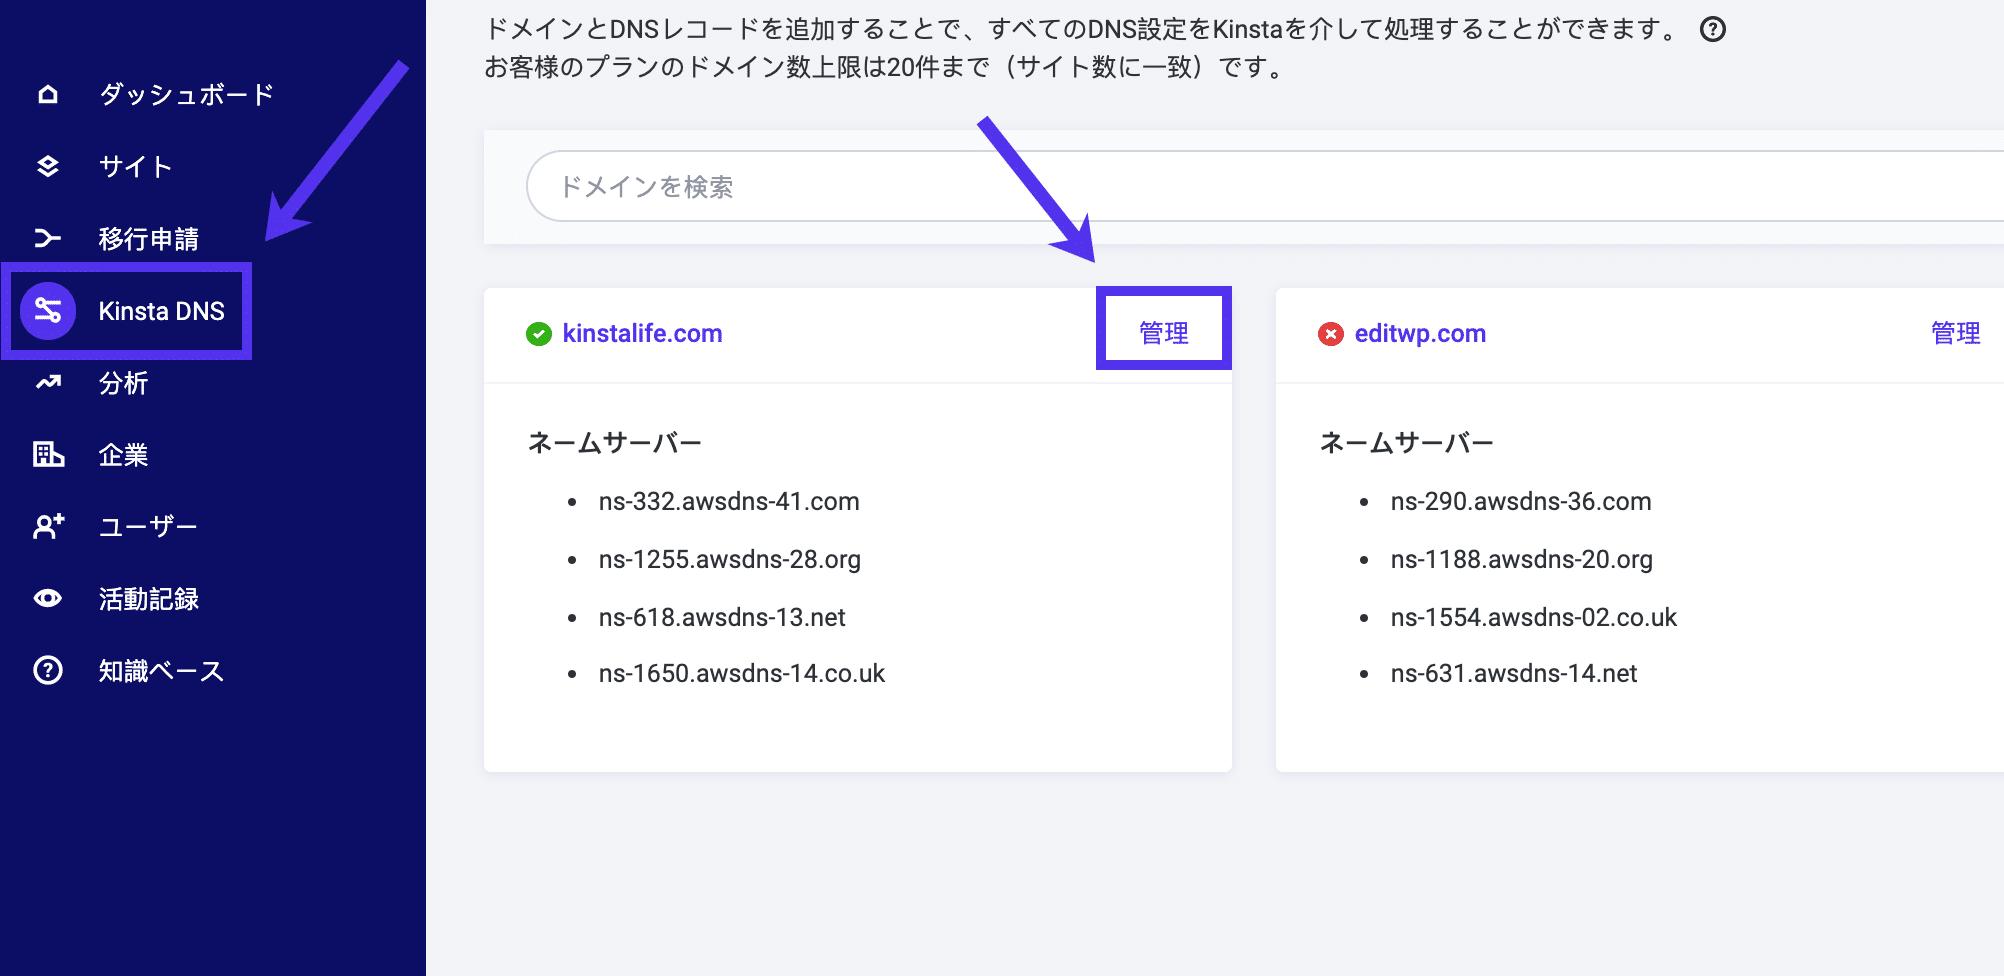 KinstaでのDNSレコードの編集